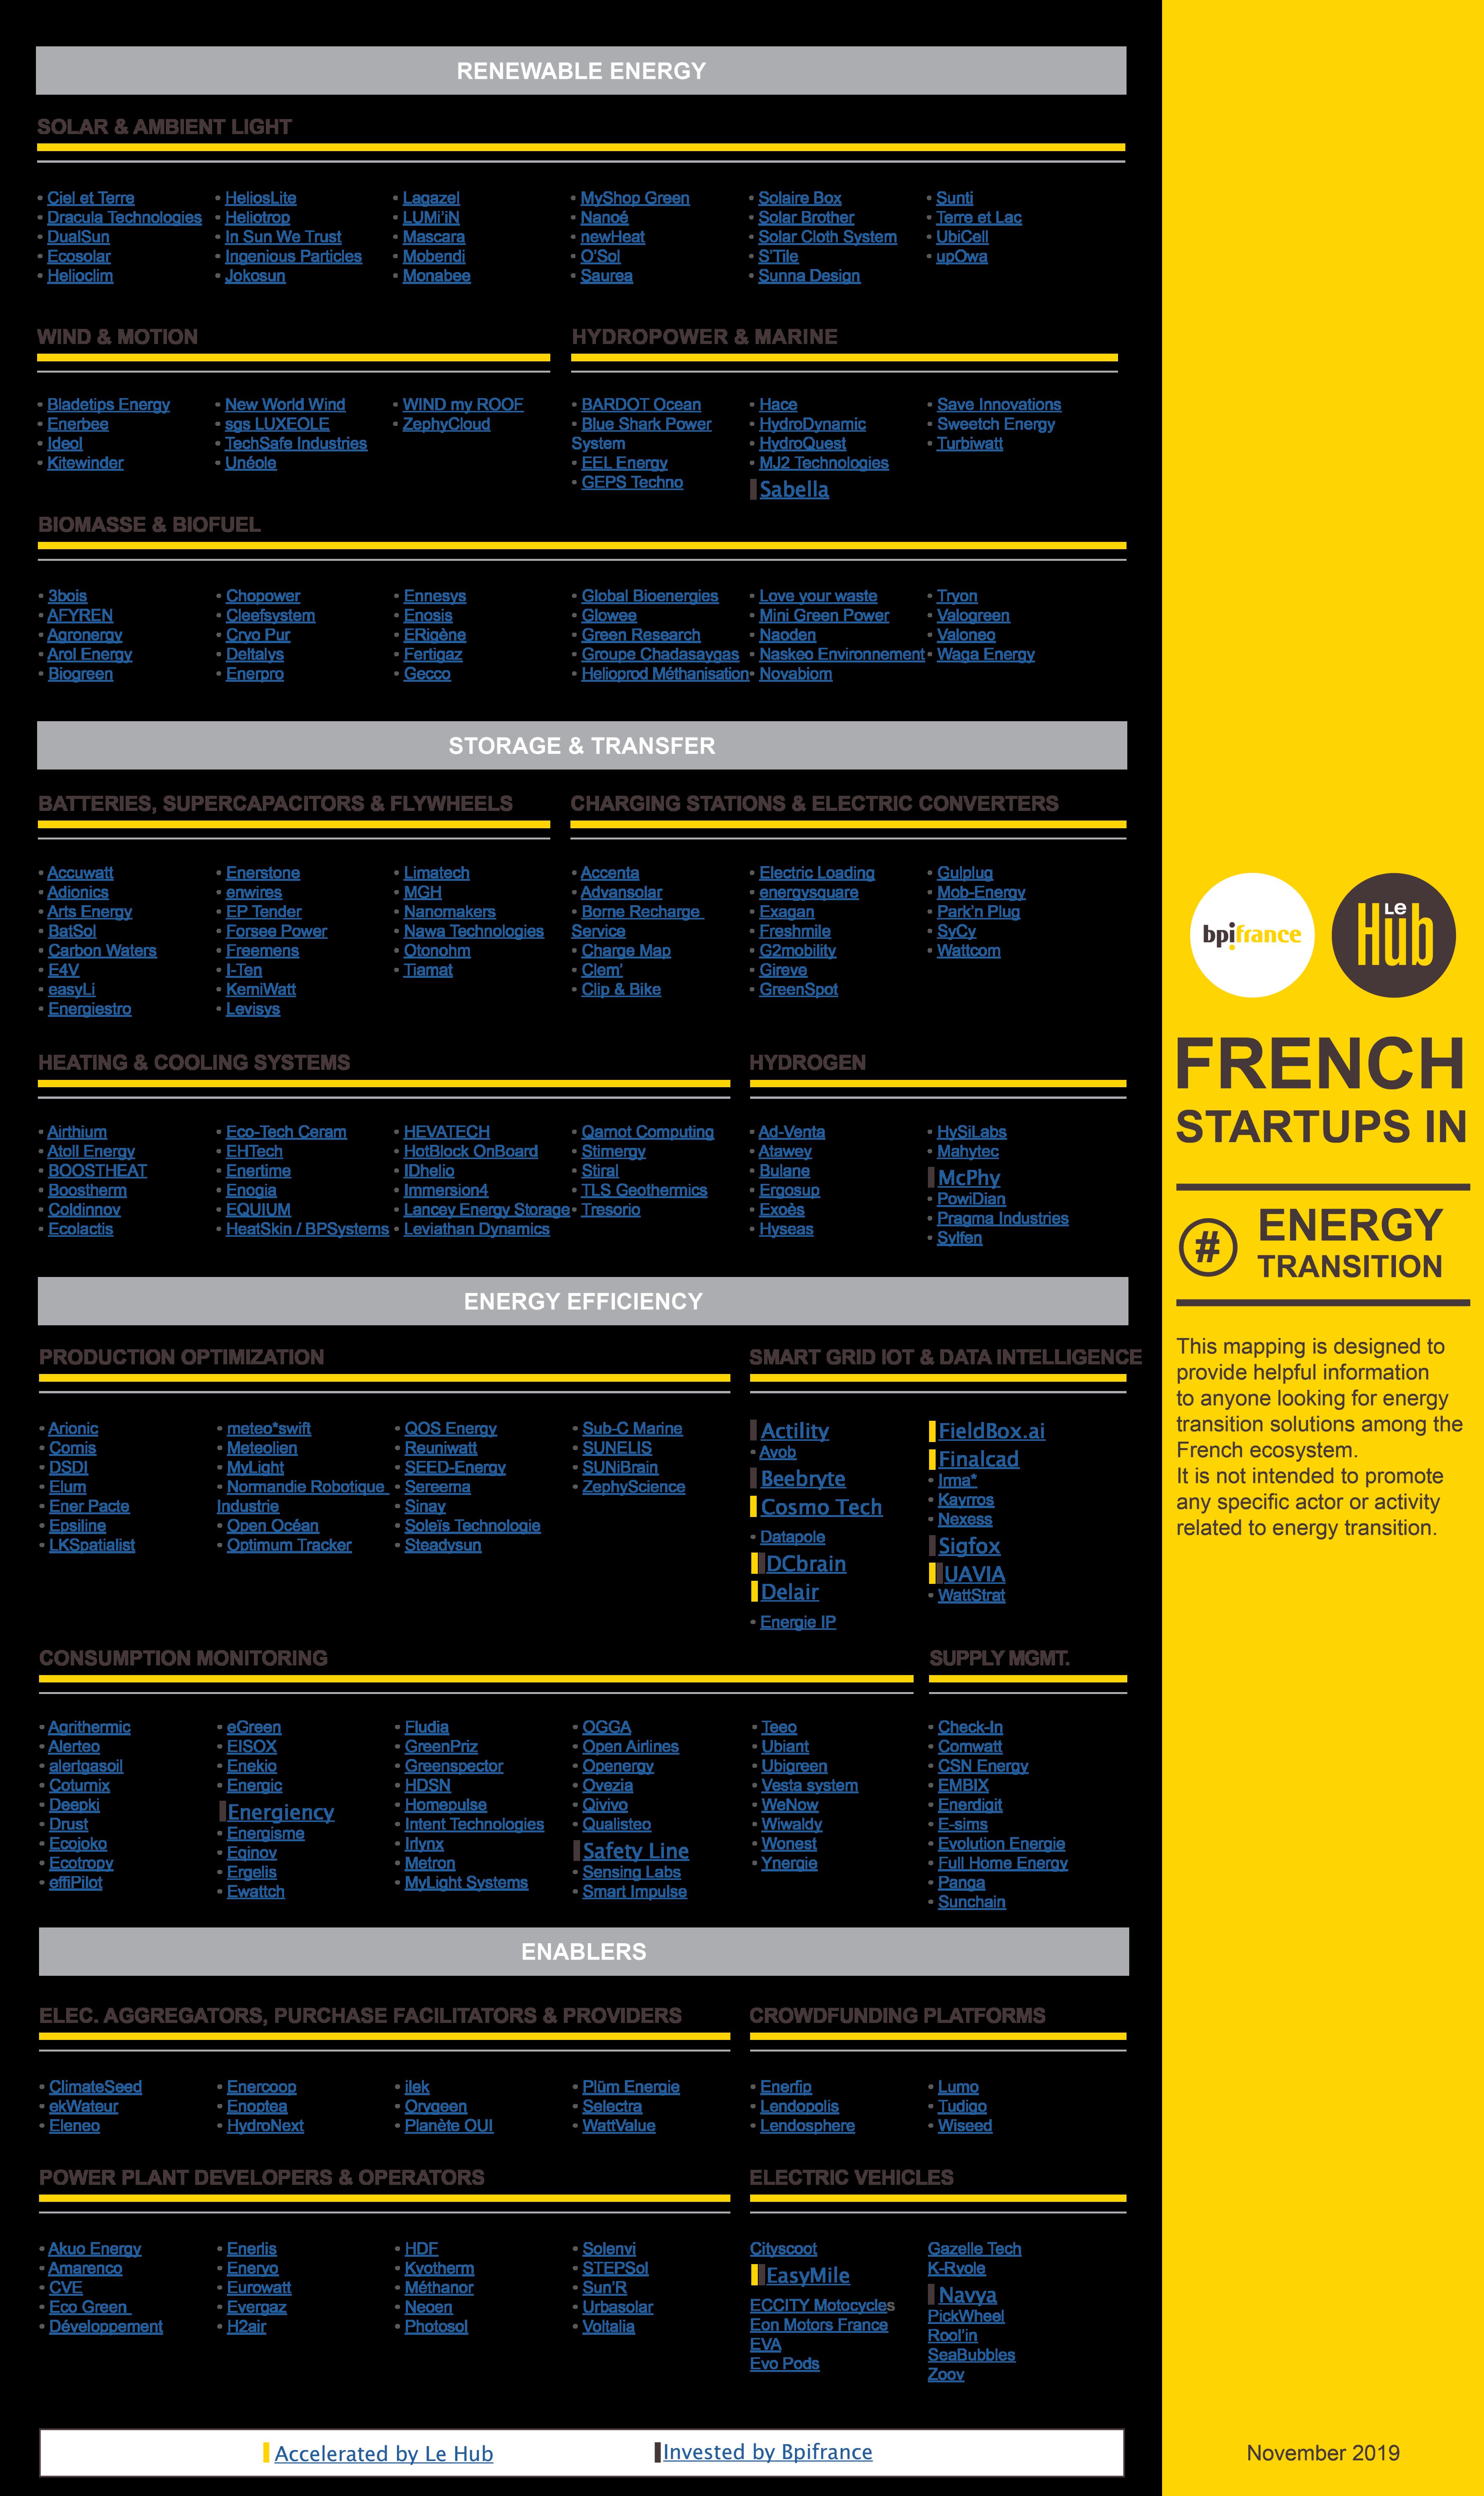 La transition énergétique en action au sein de l'écosystème startups français